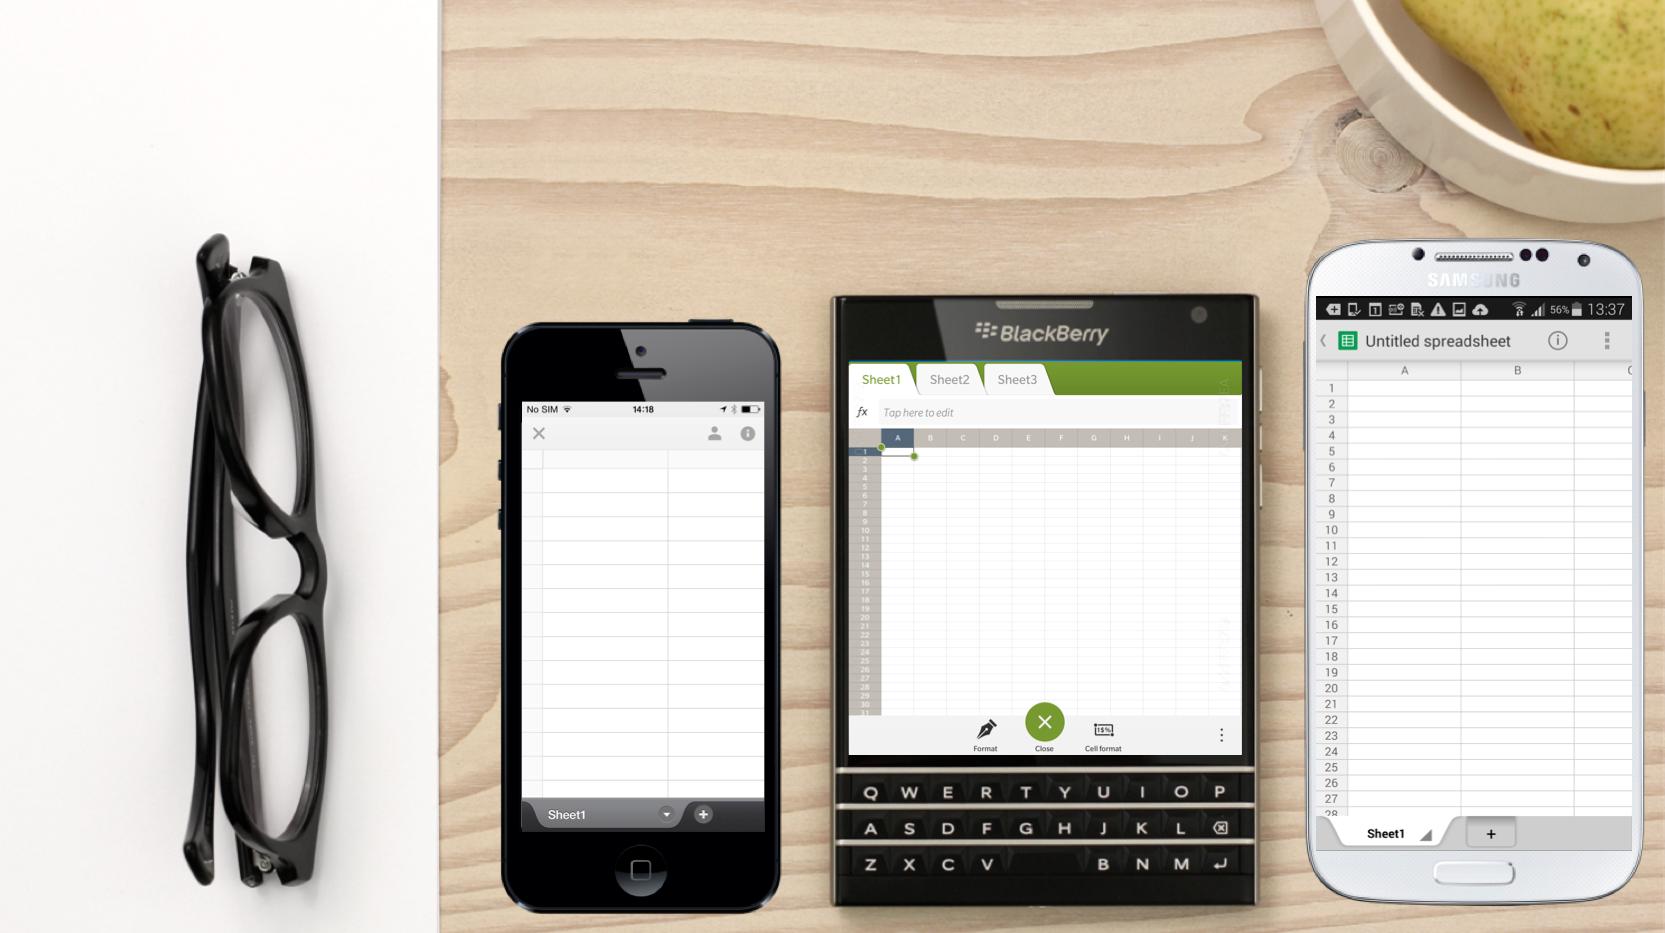 IMAX al productivității: BlackBerry își apără telefonul cu ecran pătrat, ba chiar e o inovație